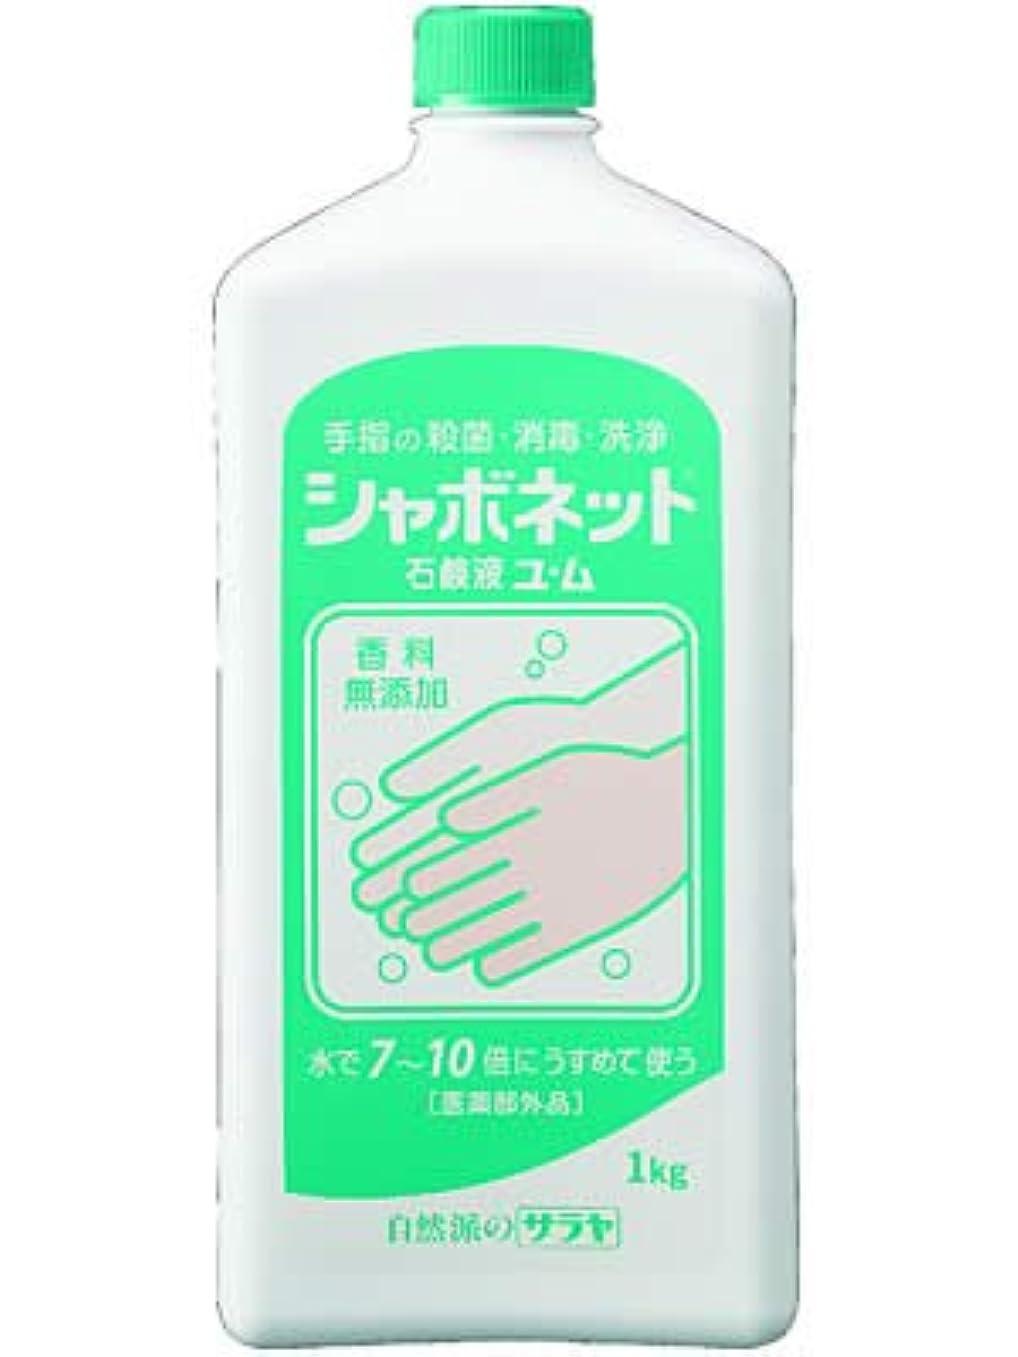 平日ダイジェスト同情的シャボネット 石鹸液 ユ?ム 1kg ×3個セット